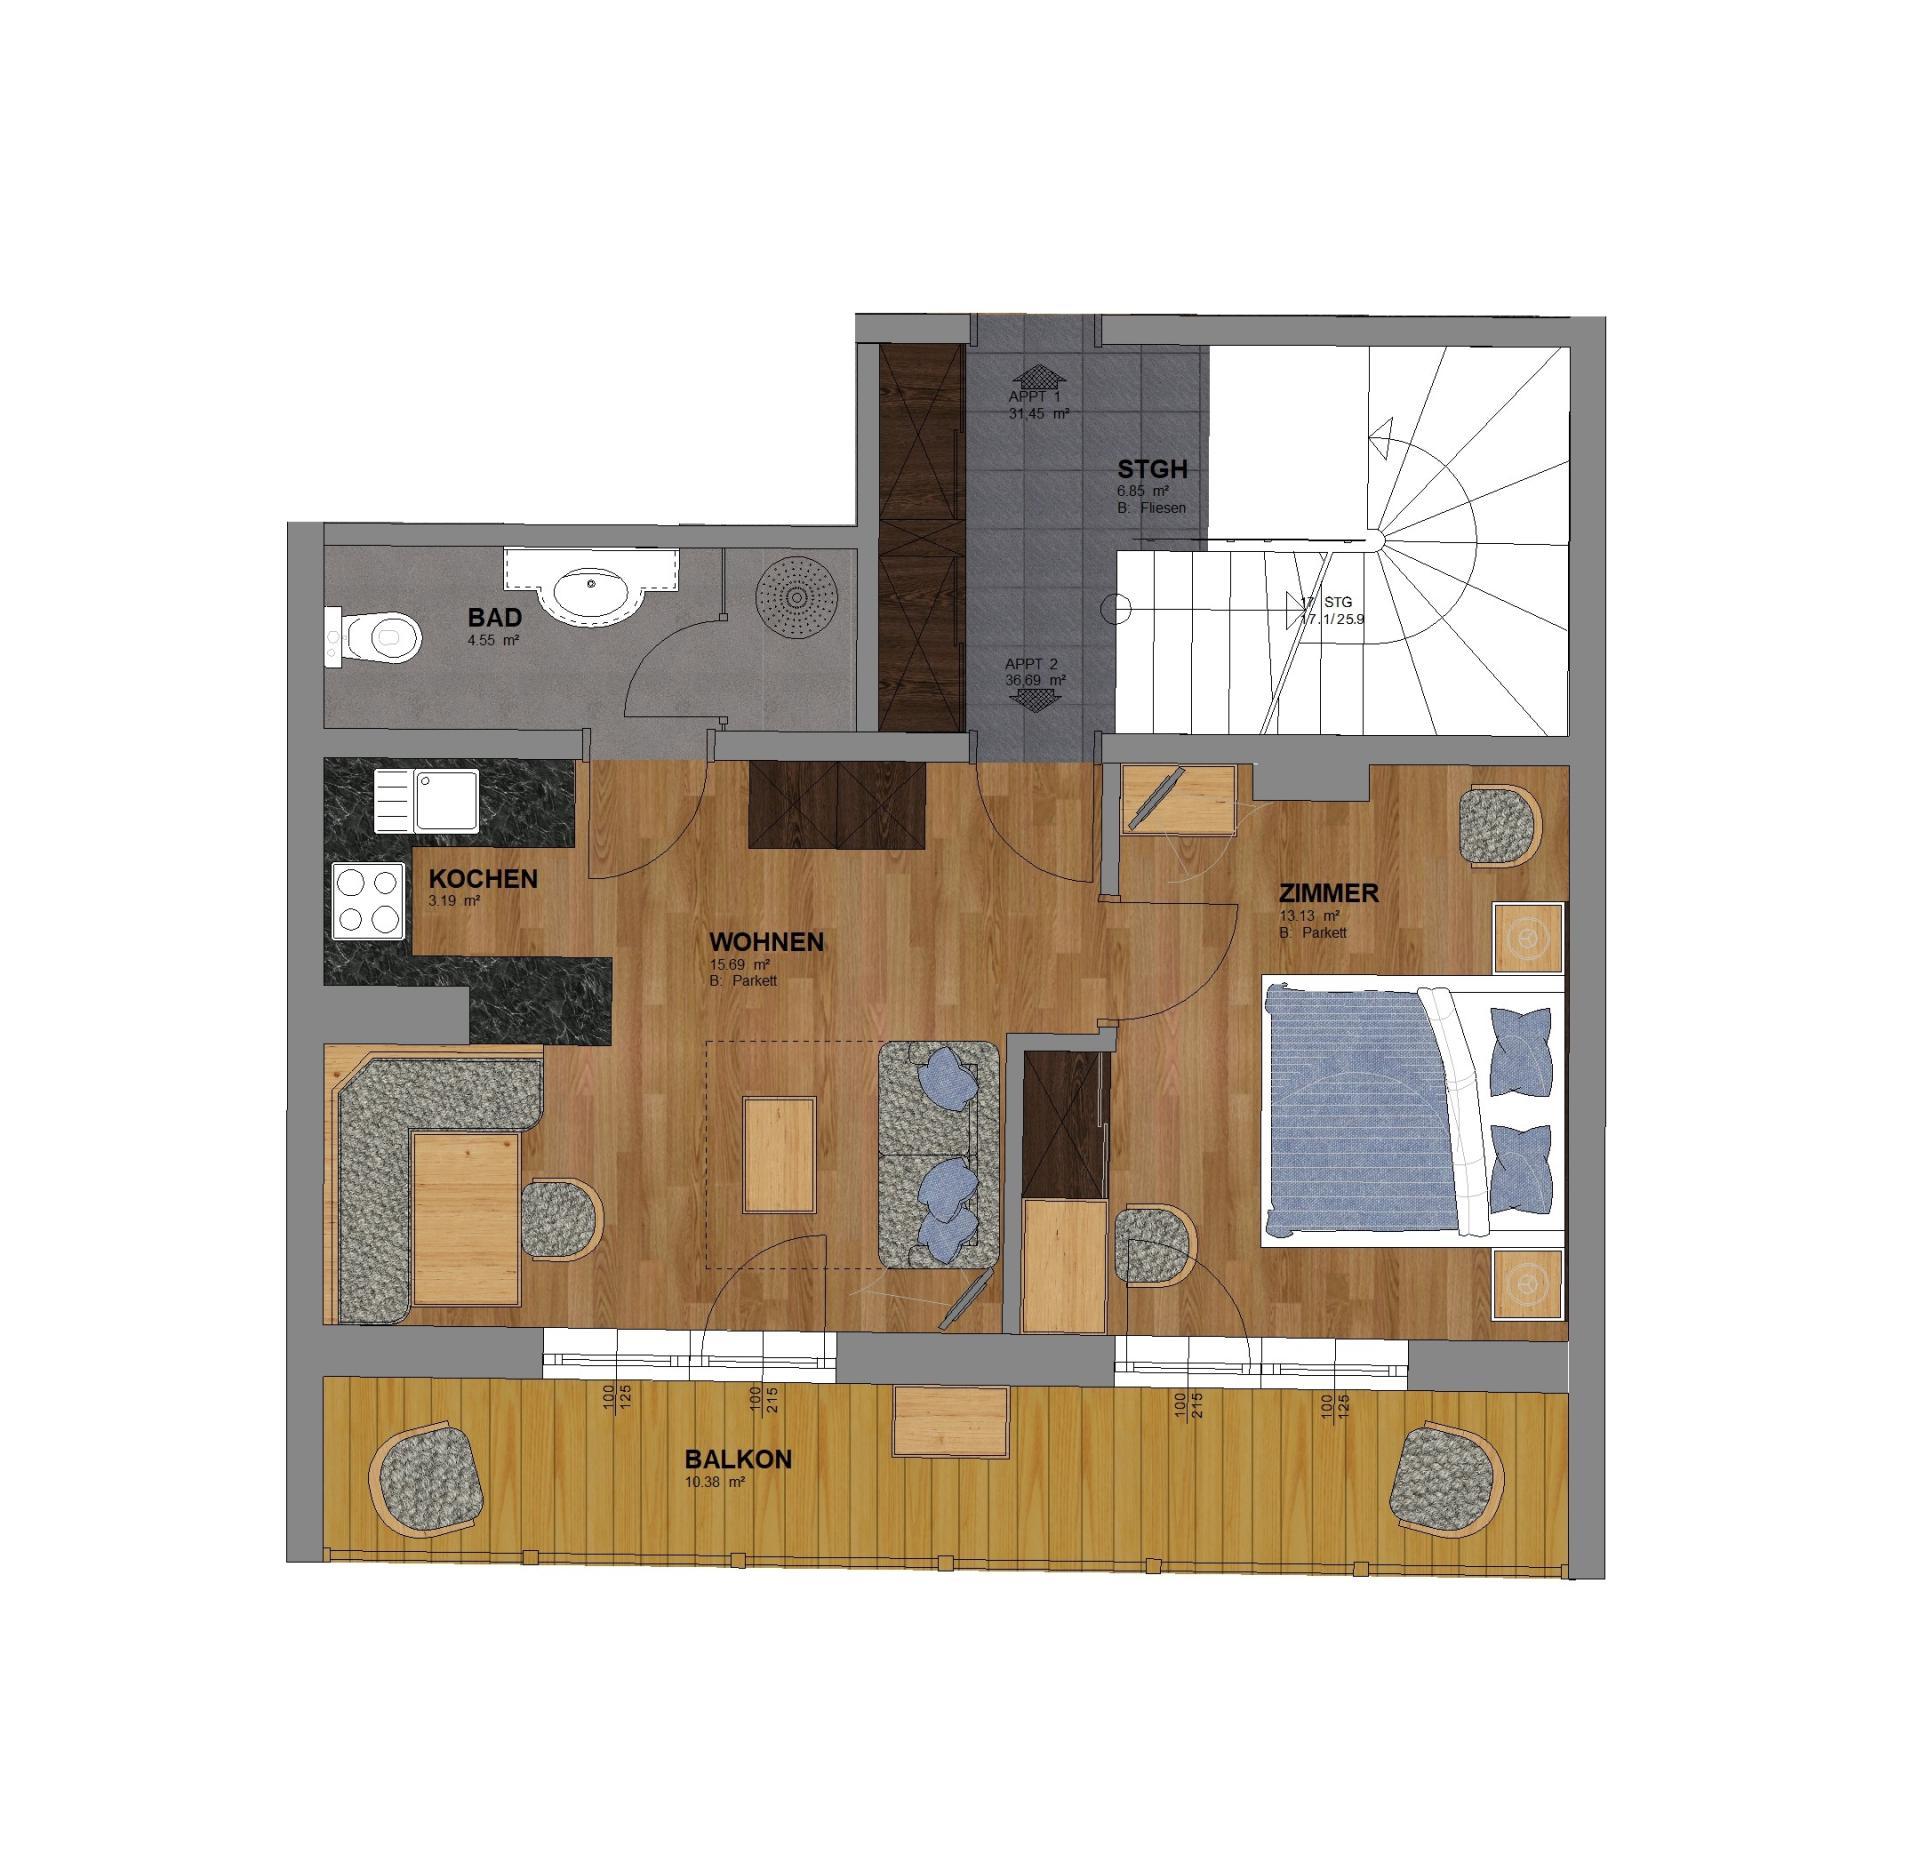 HAUS ERIKA apartments #Wohneinheiten#Sommer#Winter